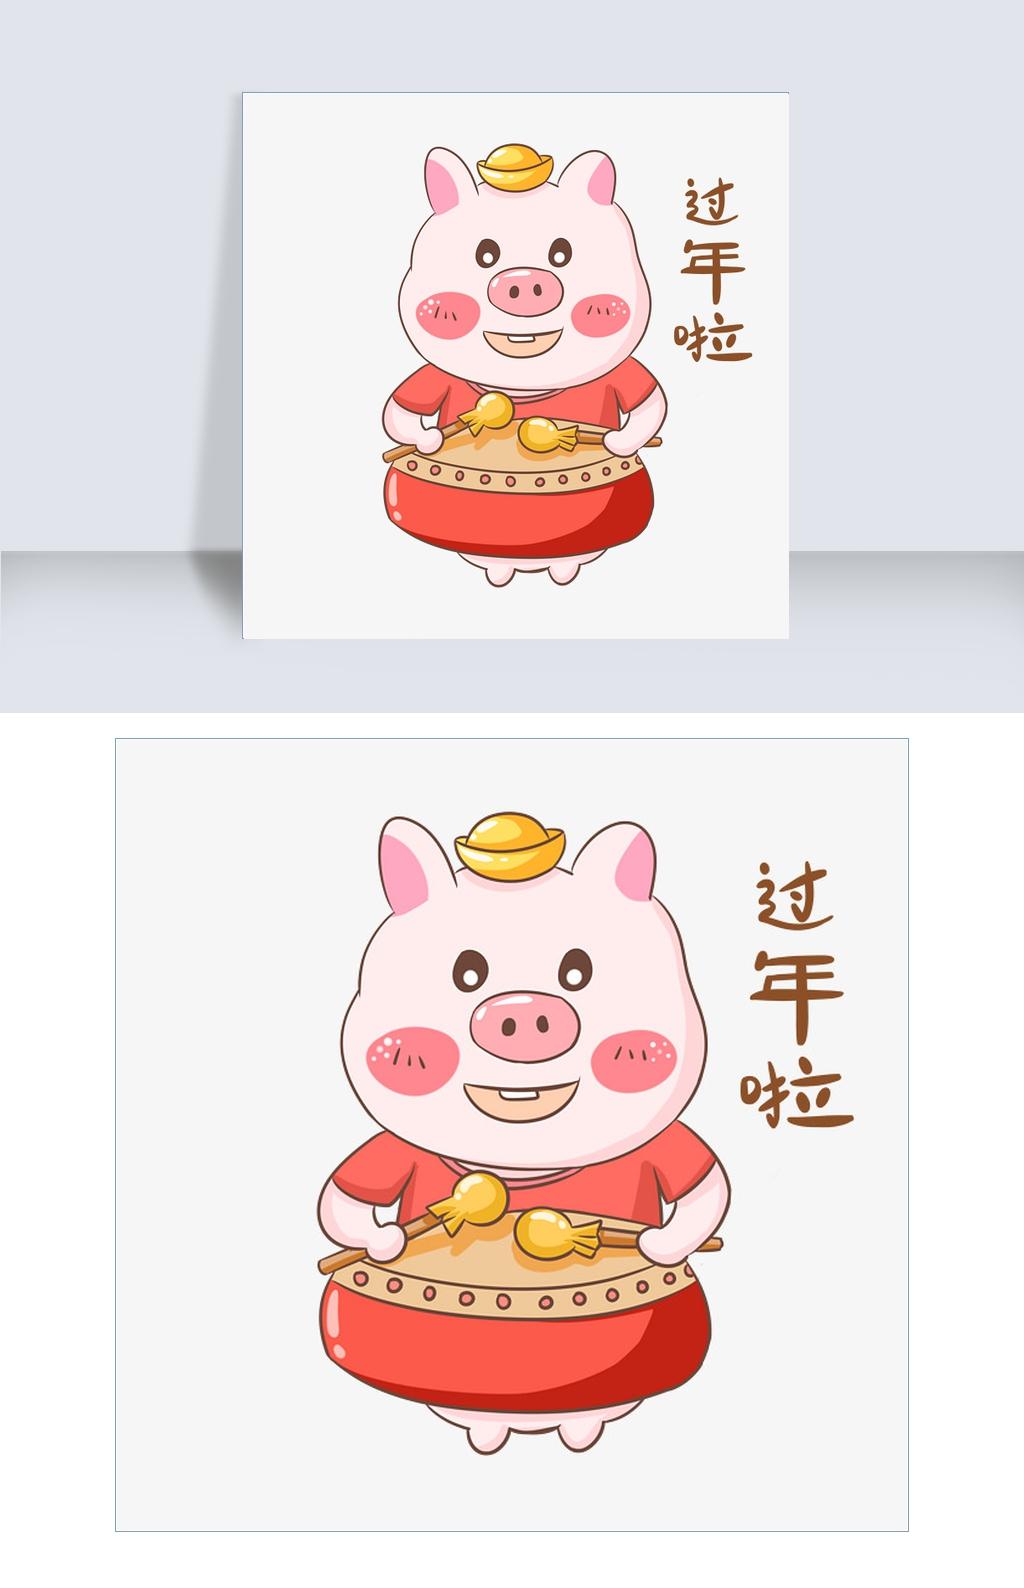 猪年猪猪过年啦表情插画表情脸猪头图片图片